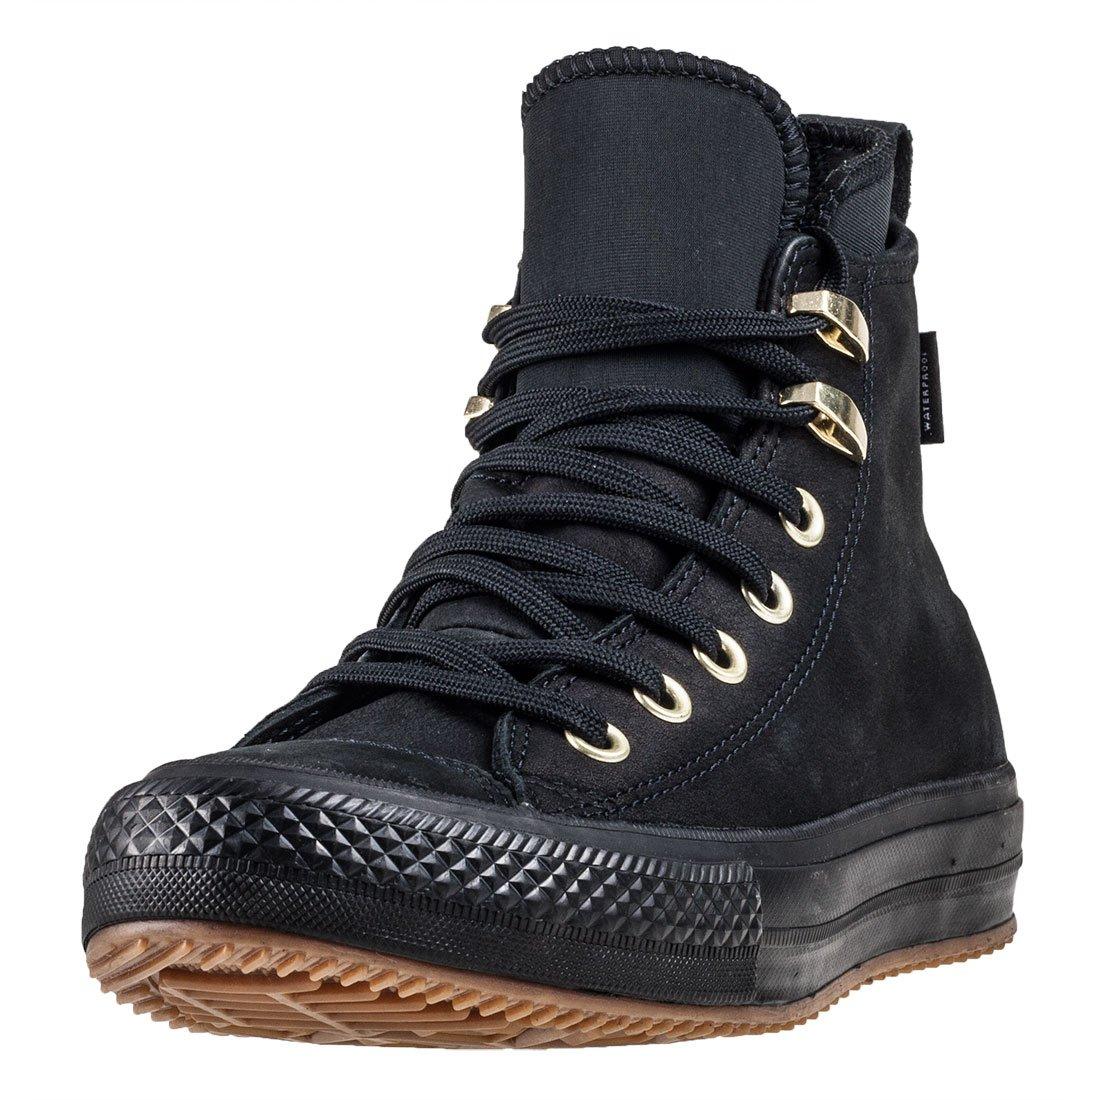 Converse All Star WP Boot Hi W Calzado 40 EU Black